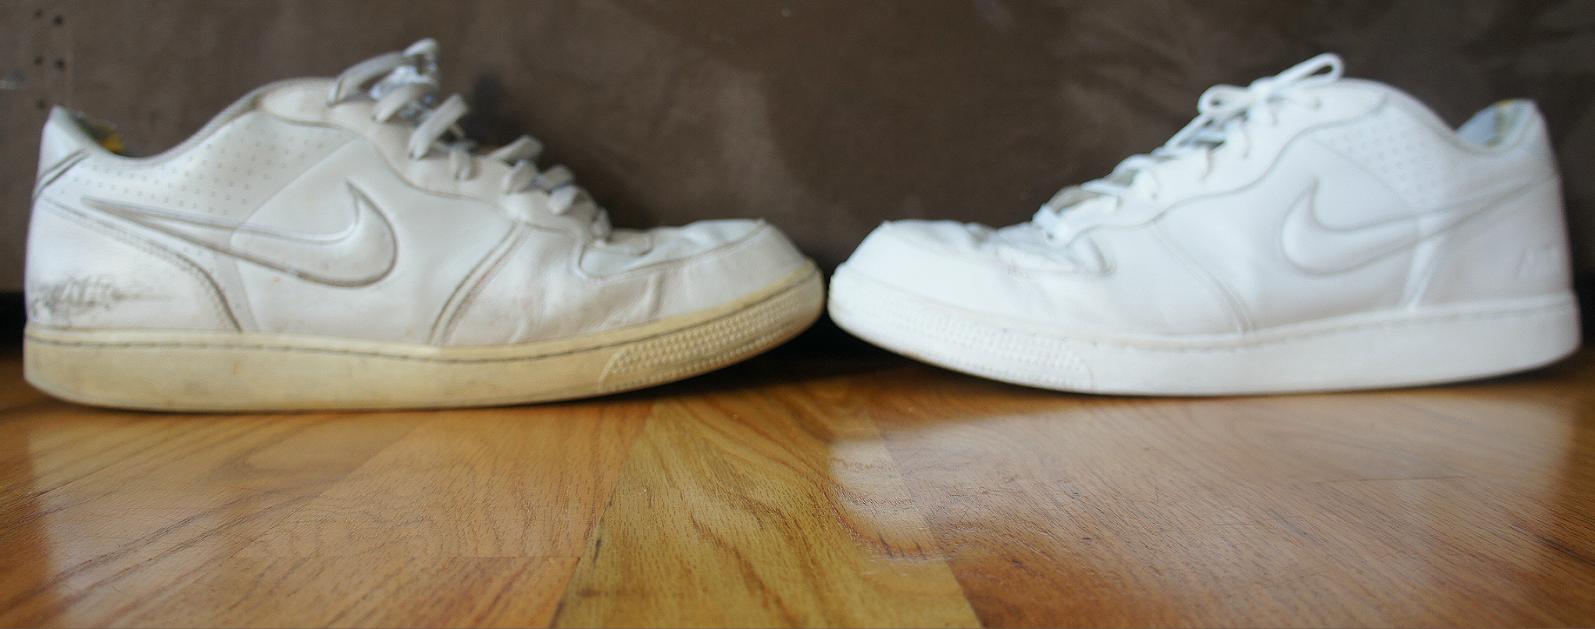 طرق تنظيف الحذاء الأبيض وإزالة الإصفرار 2